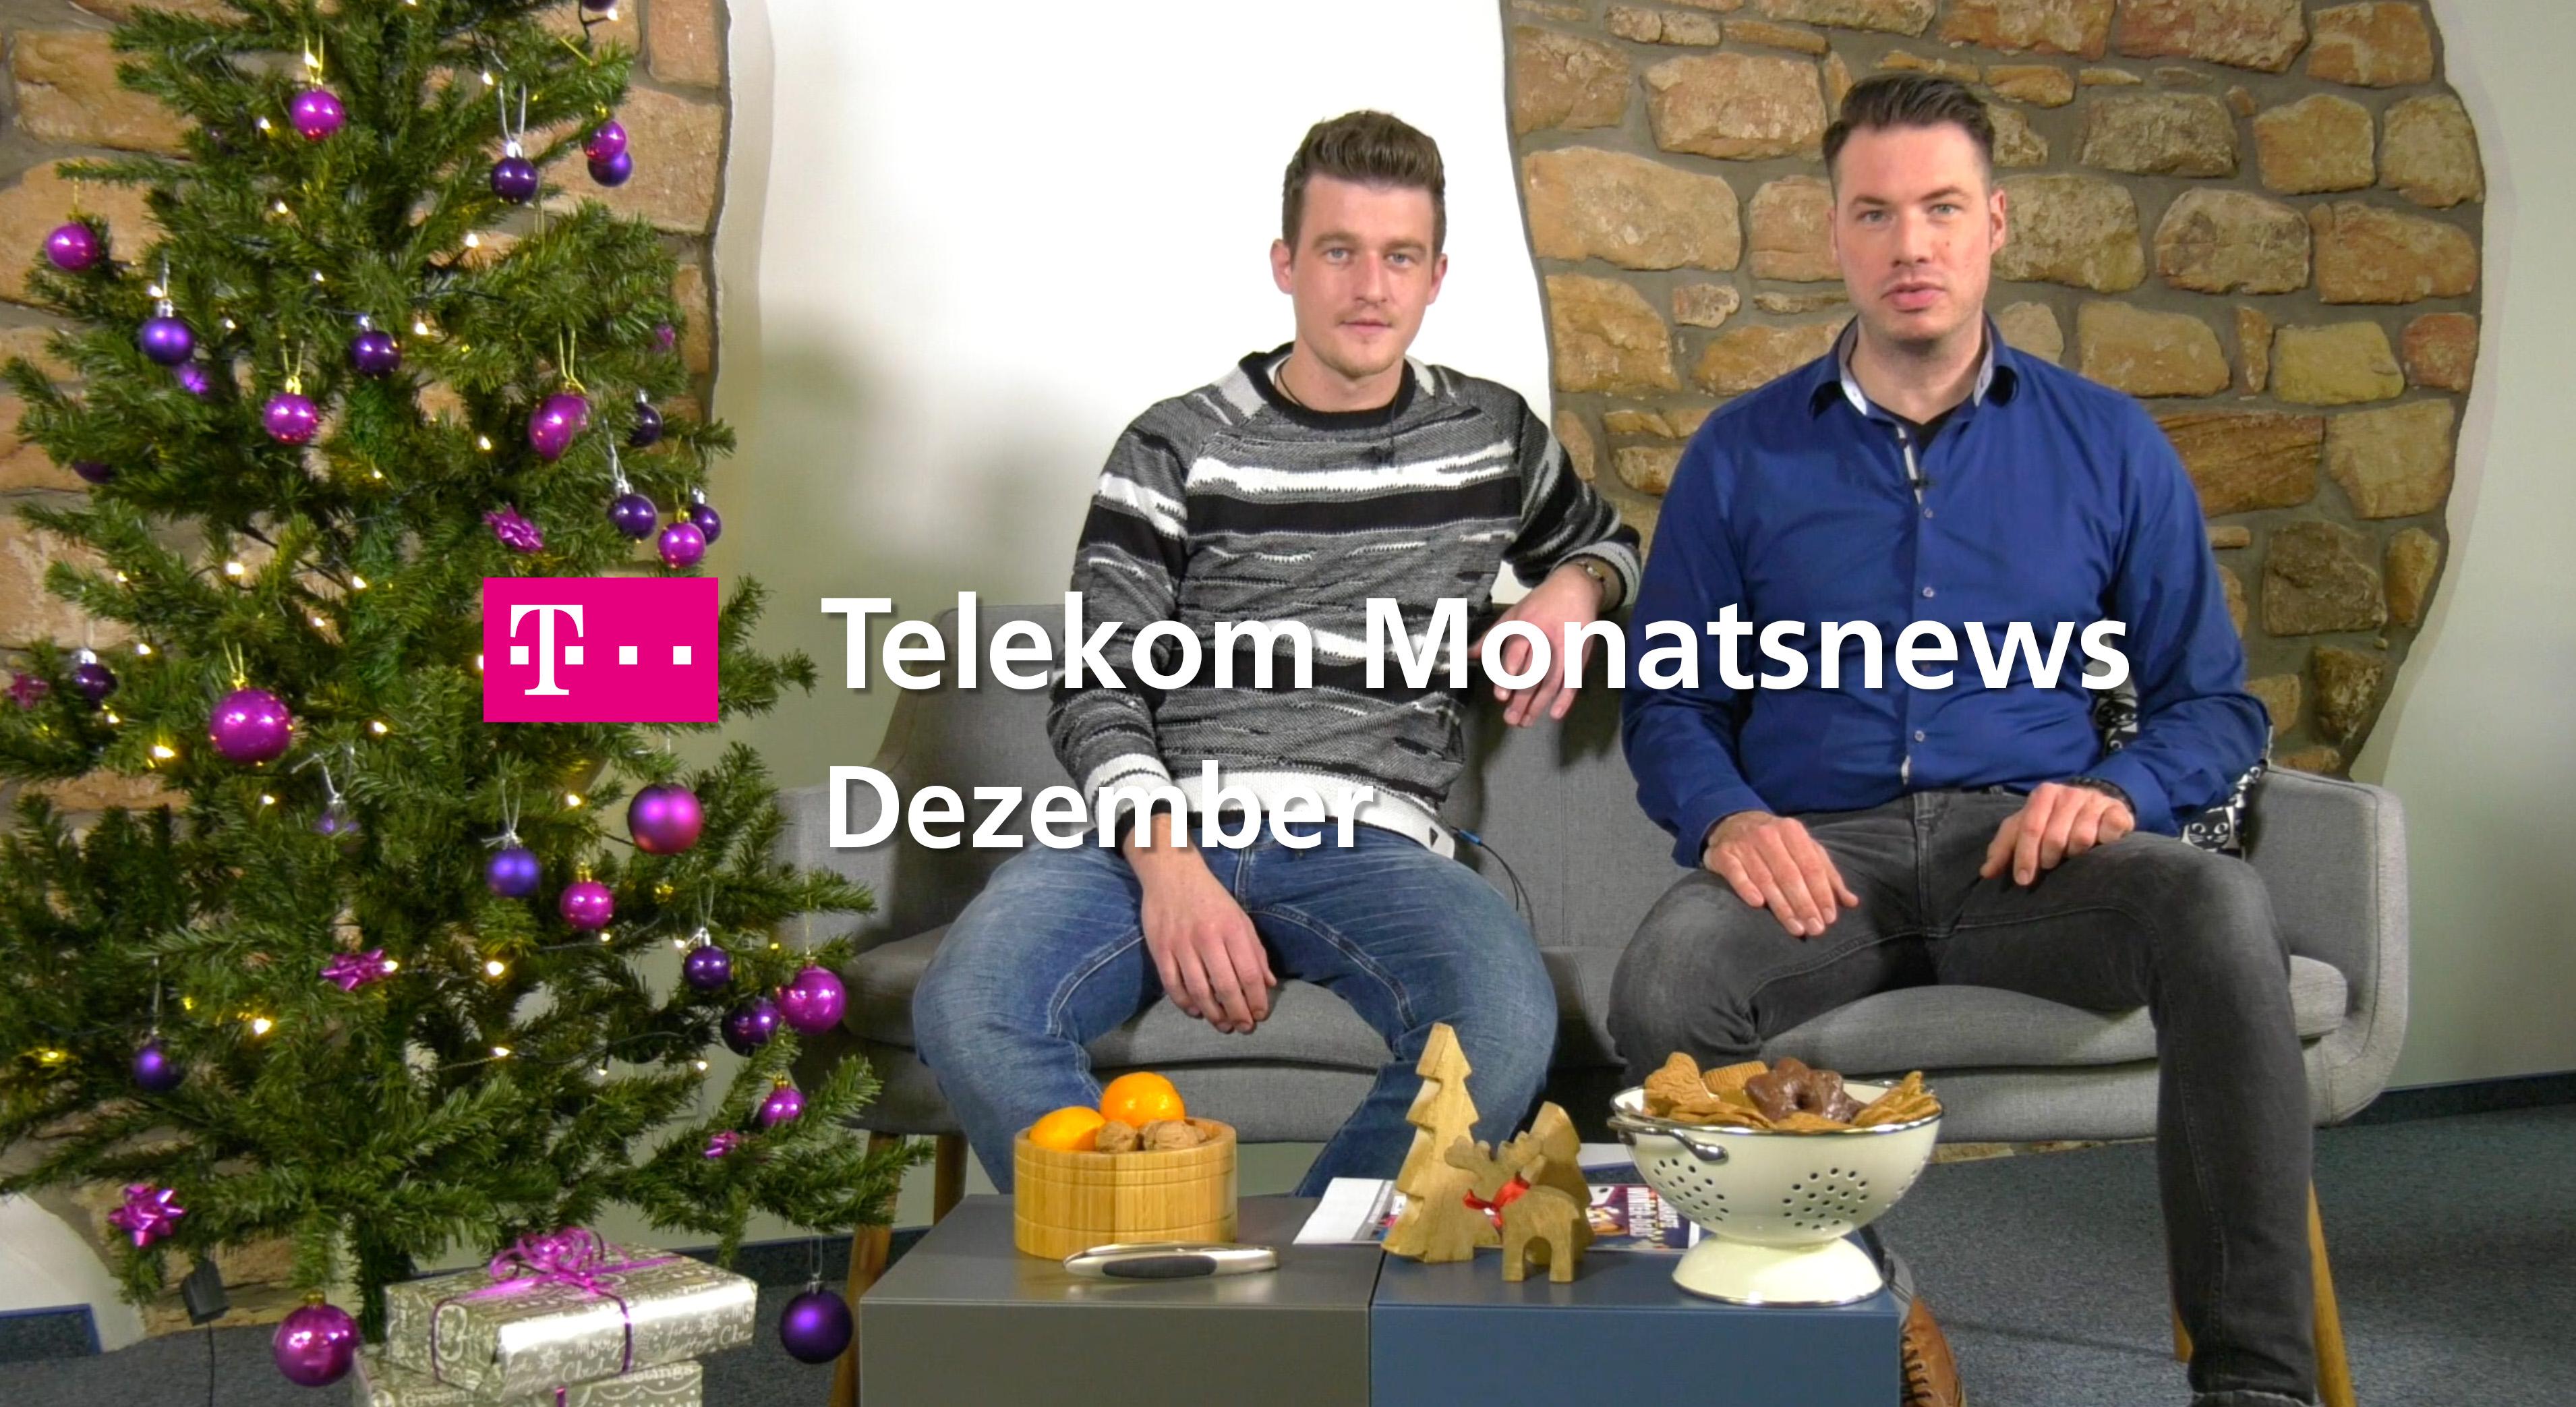 Telekom Monatsnews Dezember